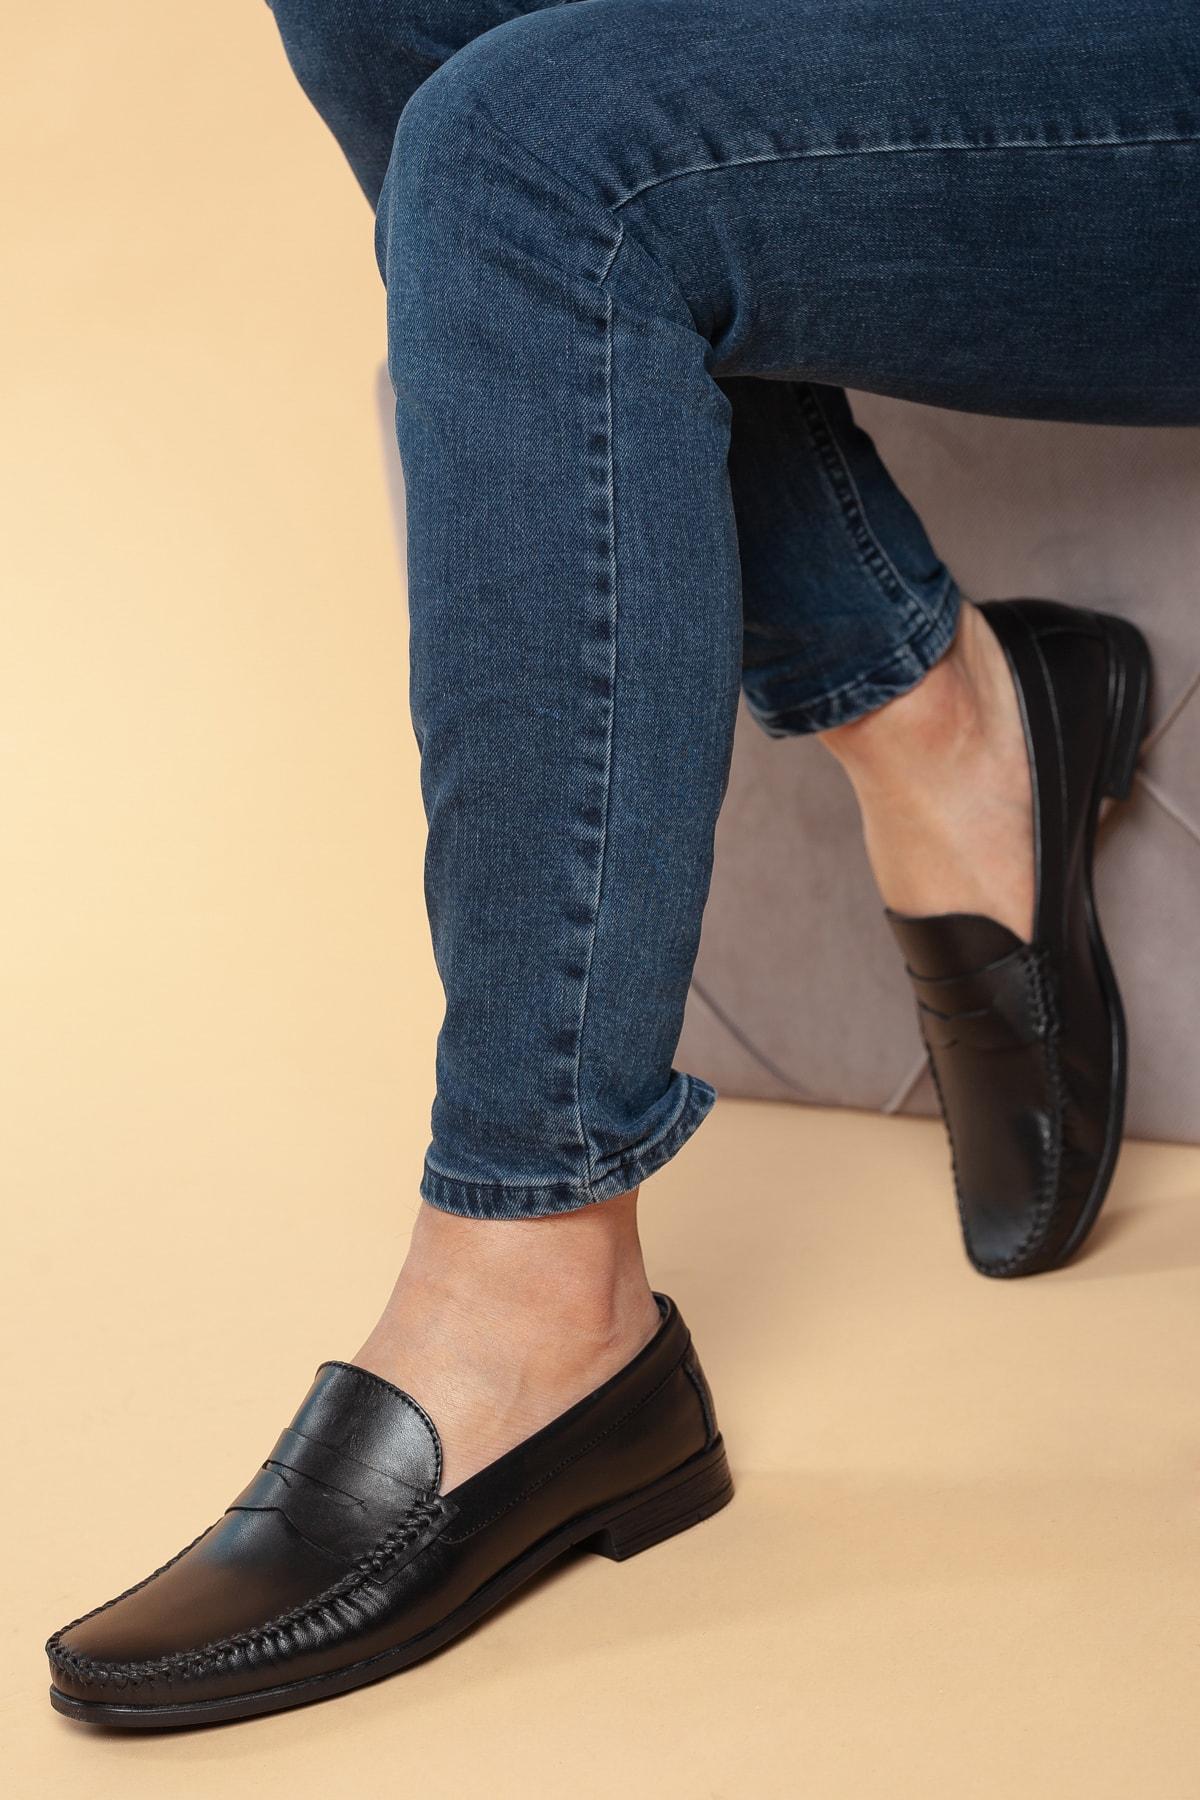 D10180 Günlük Ortopedik Hakiki Deri Baba Ayakkabısı